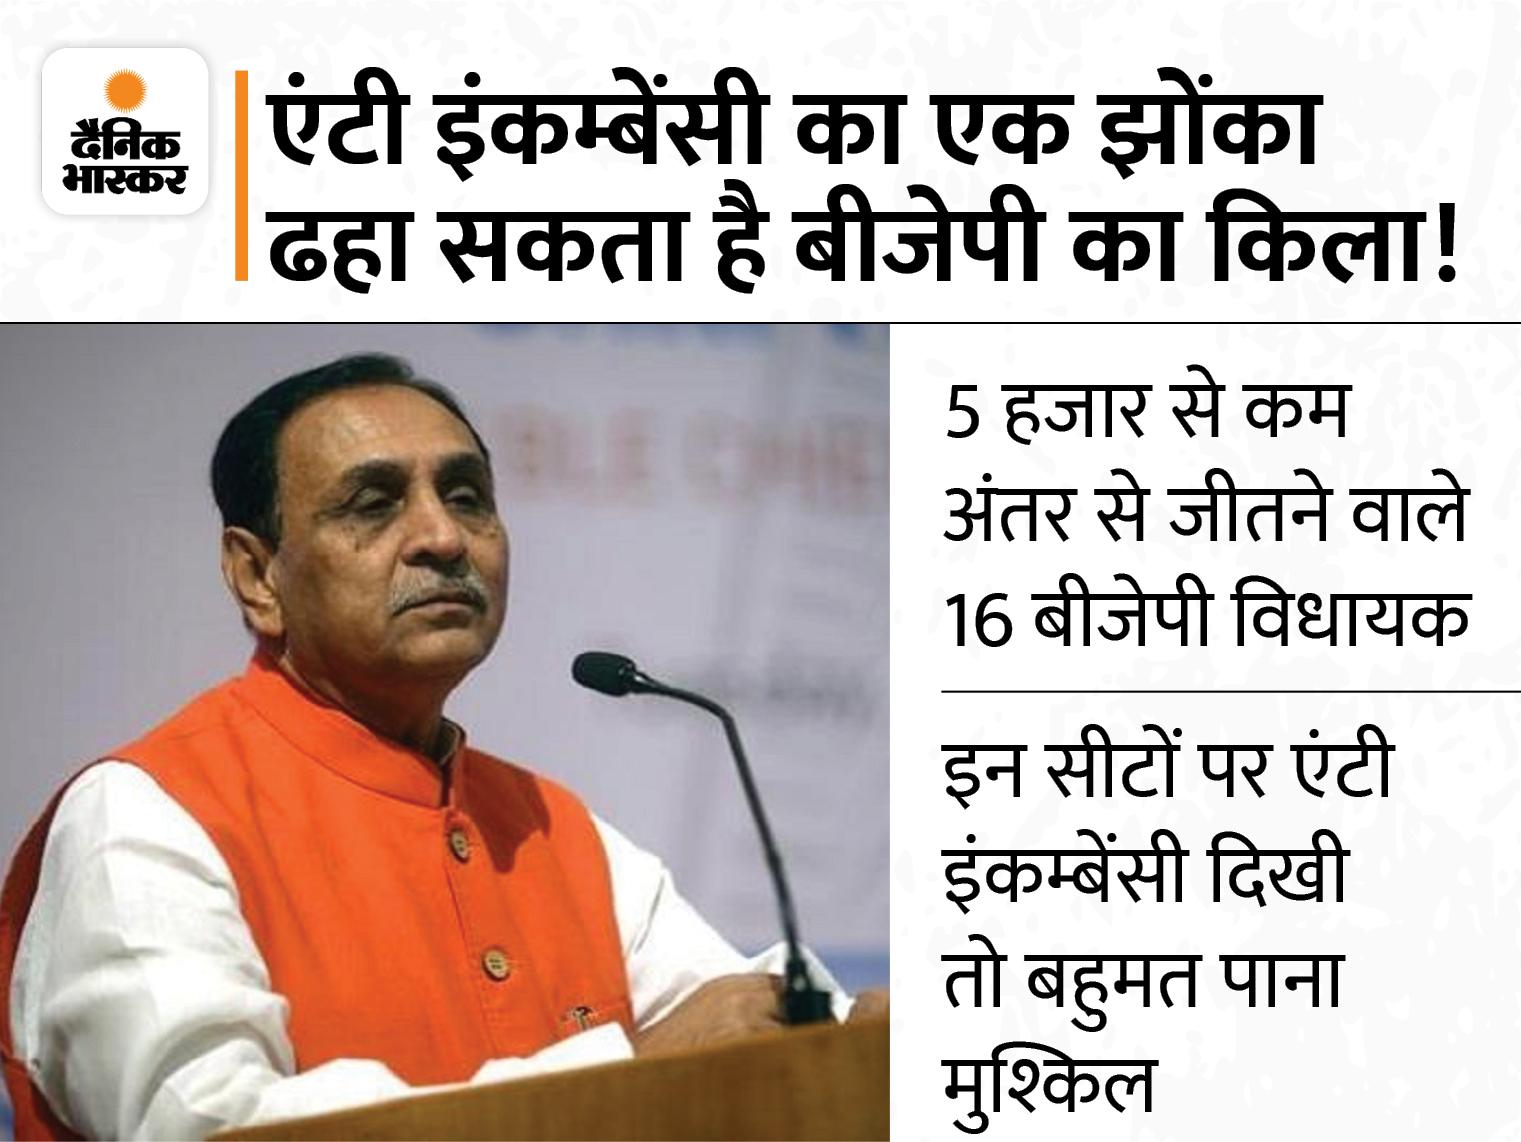 गुजरात में पिछले तीन चुनाव से दरक रही भाजपा की जमीन; जानिए सत्ता विरोधी लहर पार्टी के लिए कितनी बड़ी मुसीबत|DB ओरिजिनल,DB Original - Dainik Bhaskar